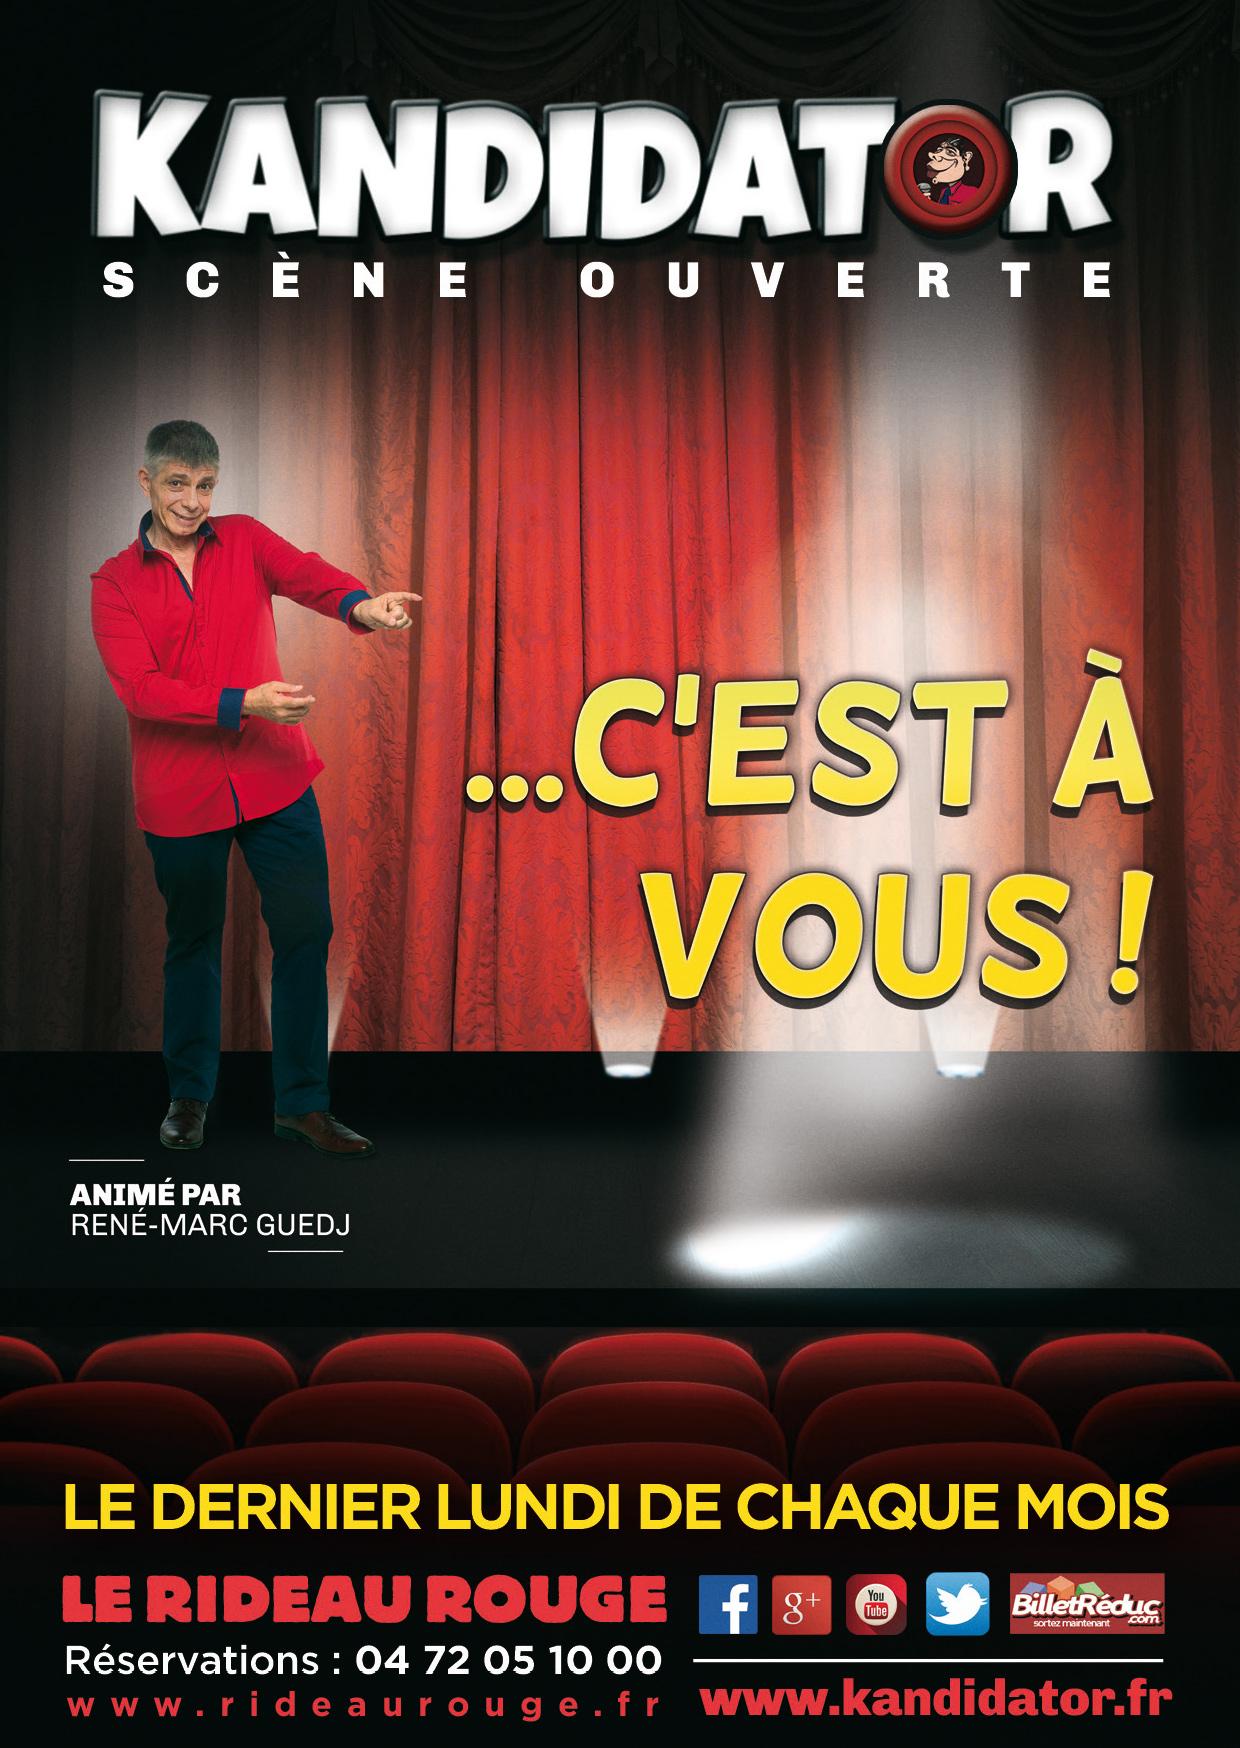 Finale Lyonnaise de Kandidator, le 24 Juin - Le Rideau Rouge